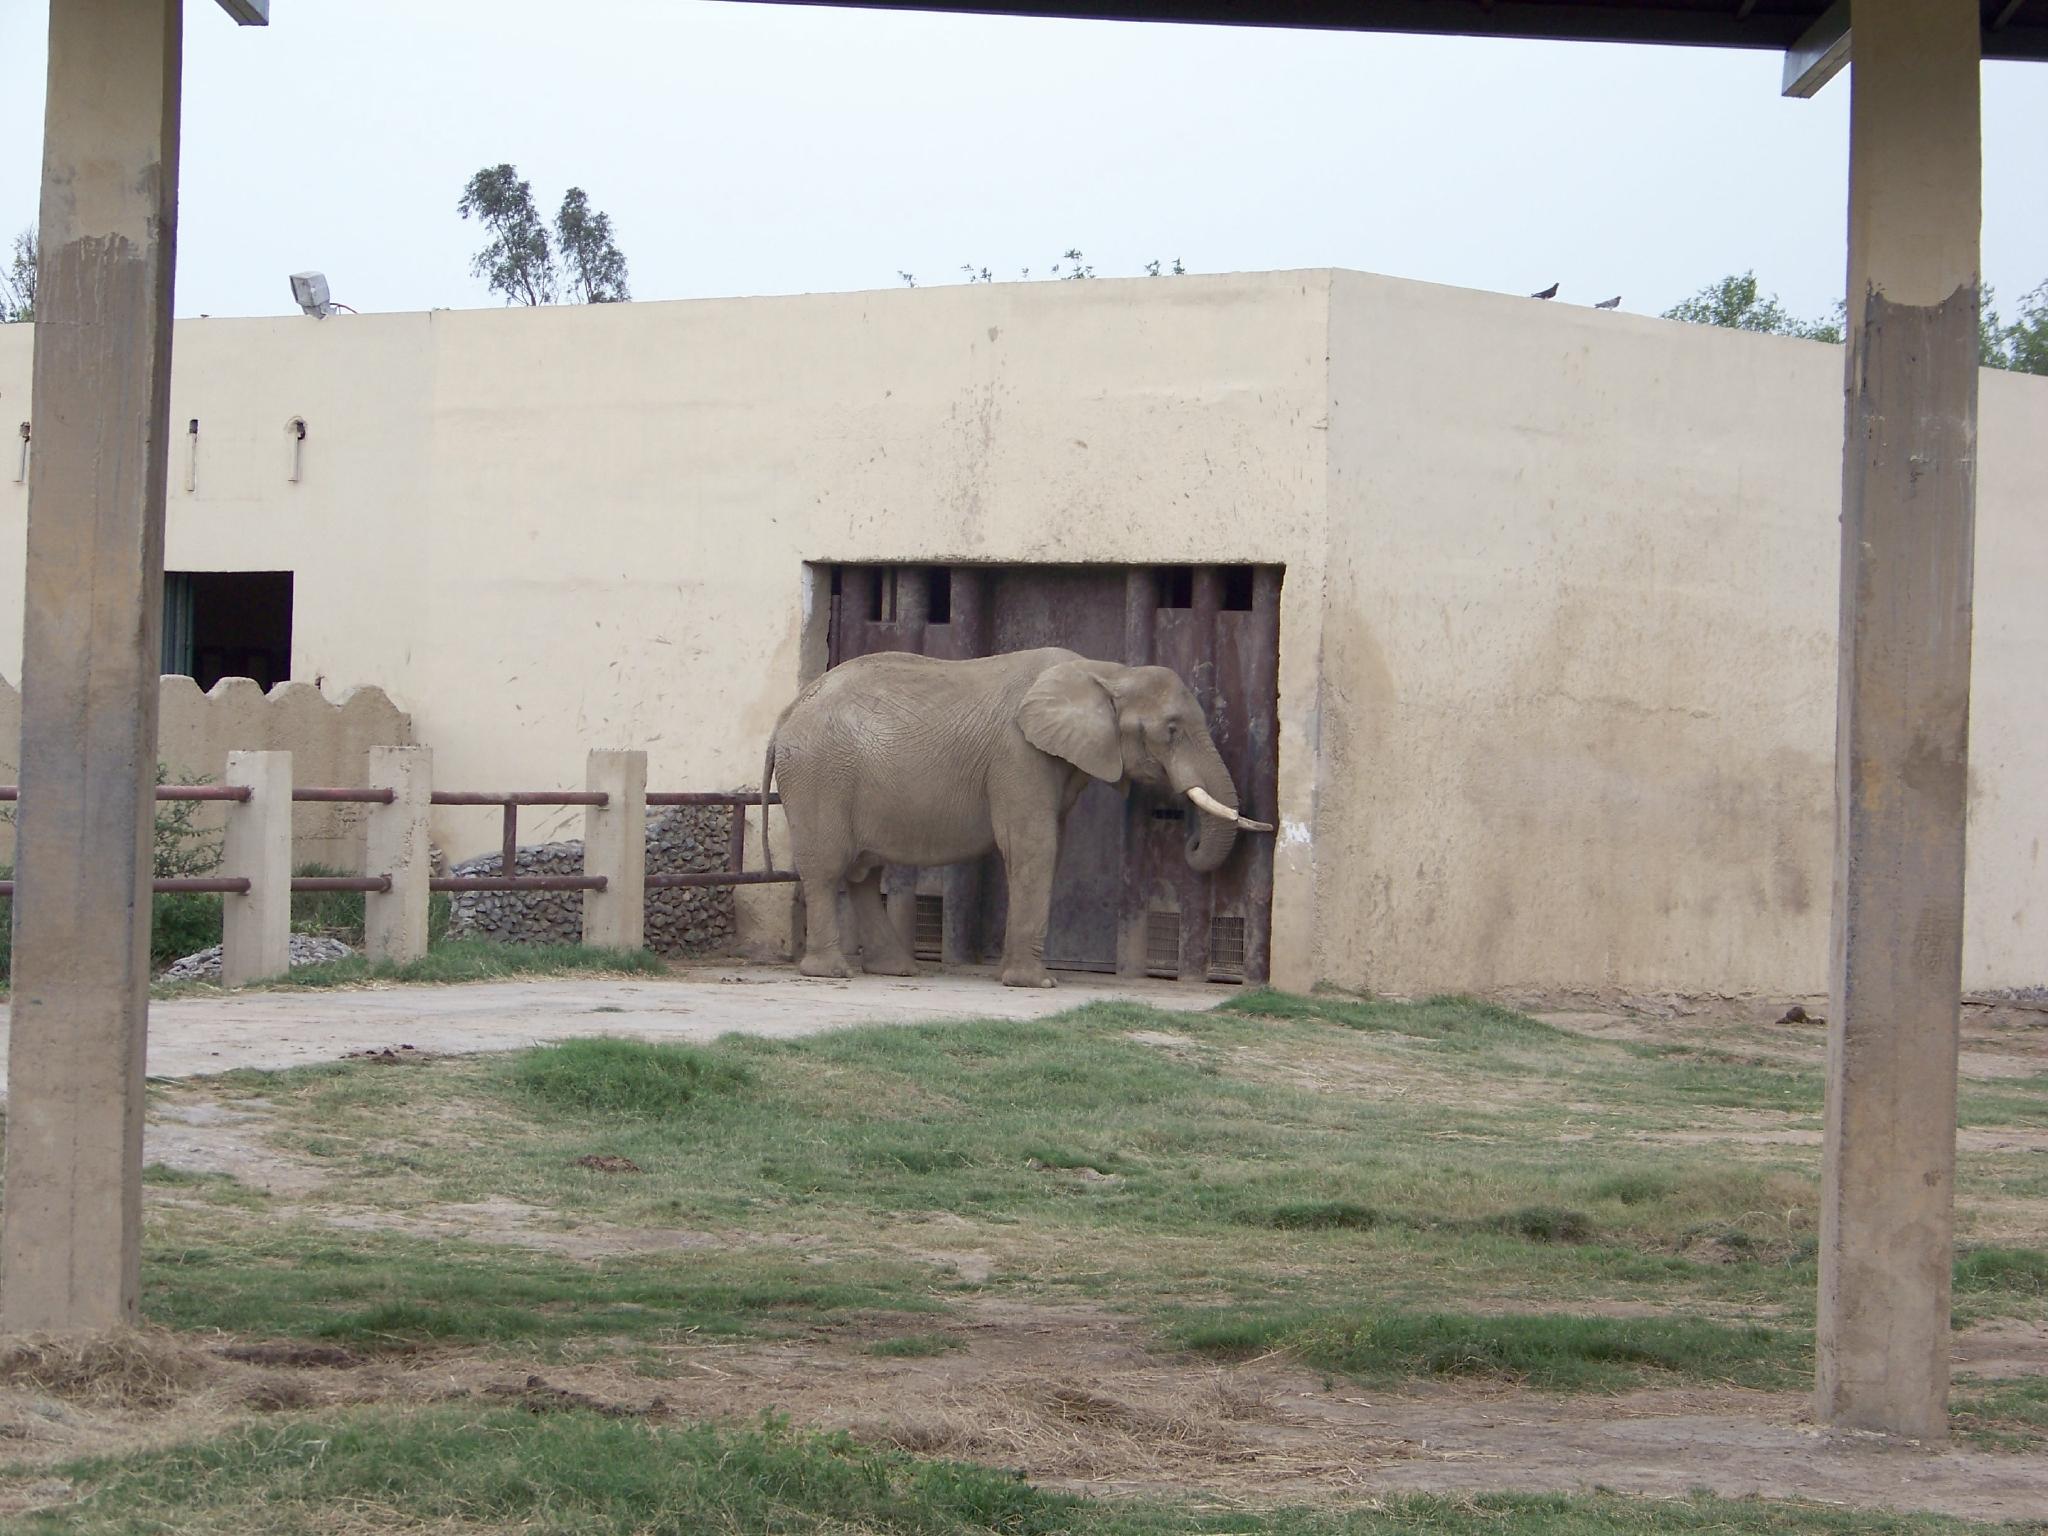 Elephant, Africa, Power, Ivory, Large, HQ Photo